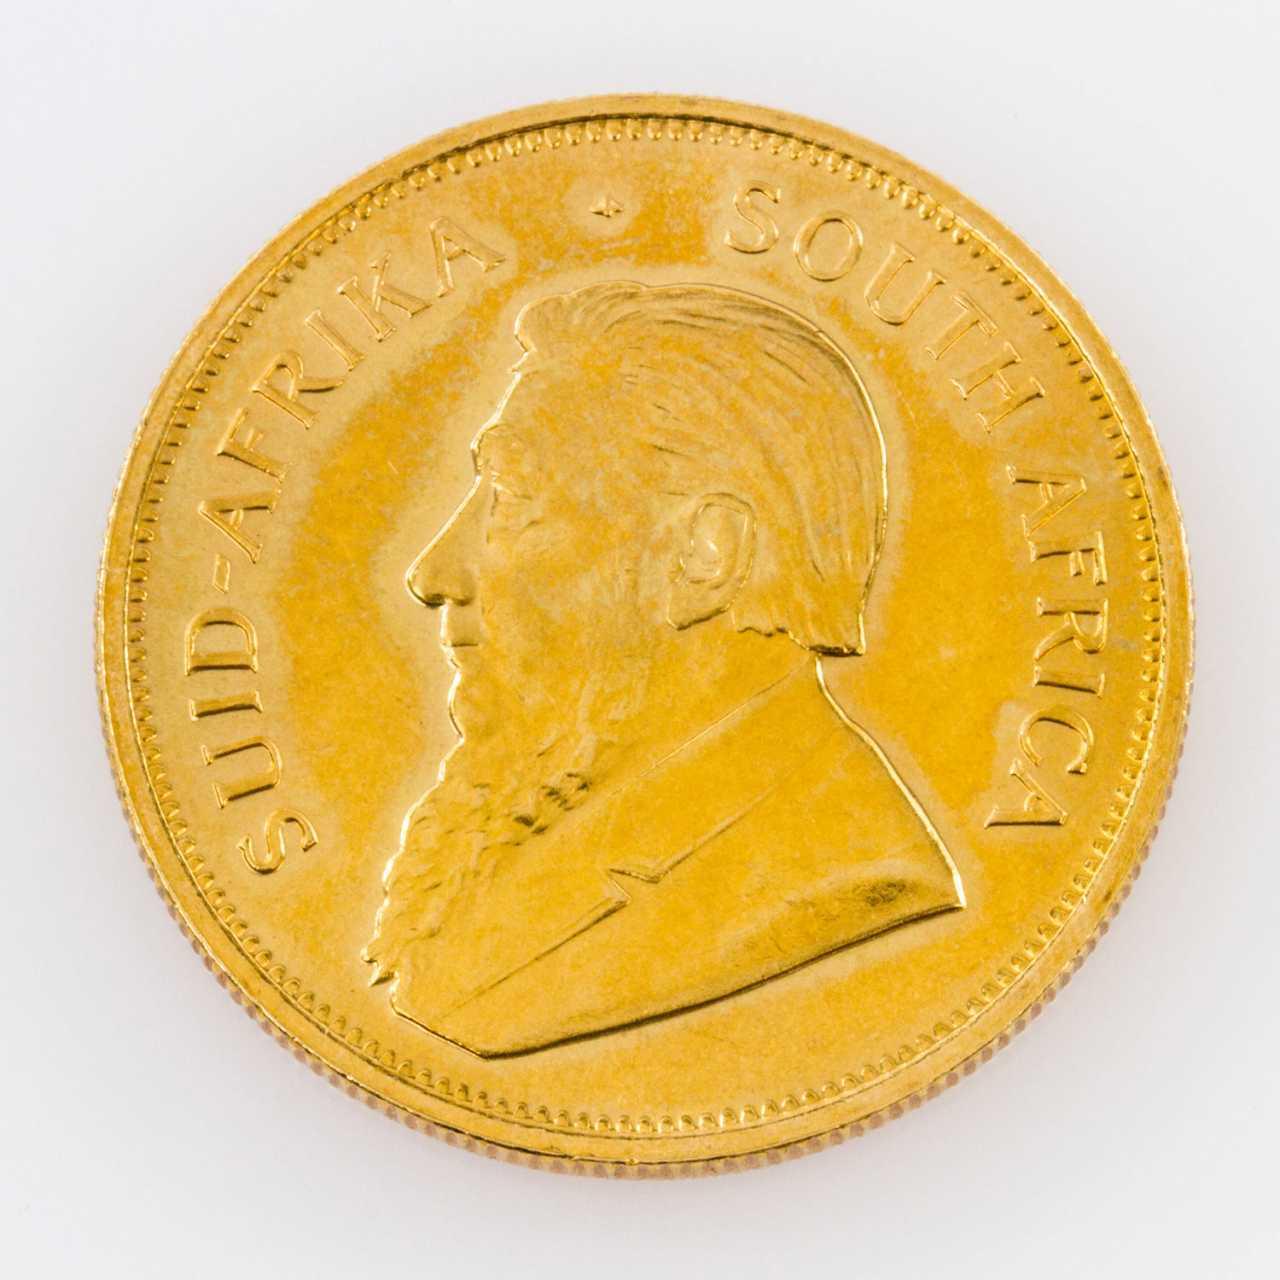 South Africa Gold 1 Oz Krugerrand 1978